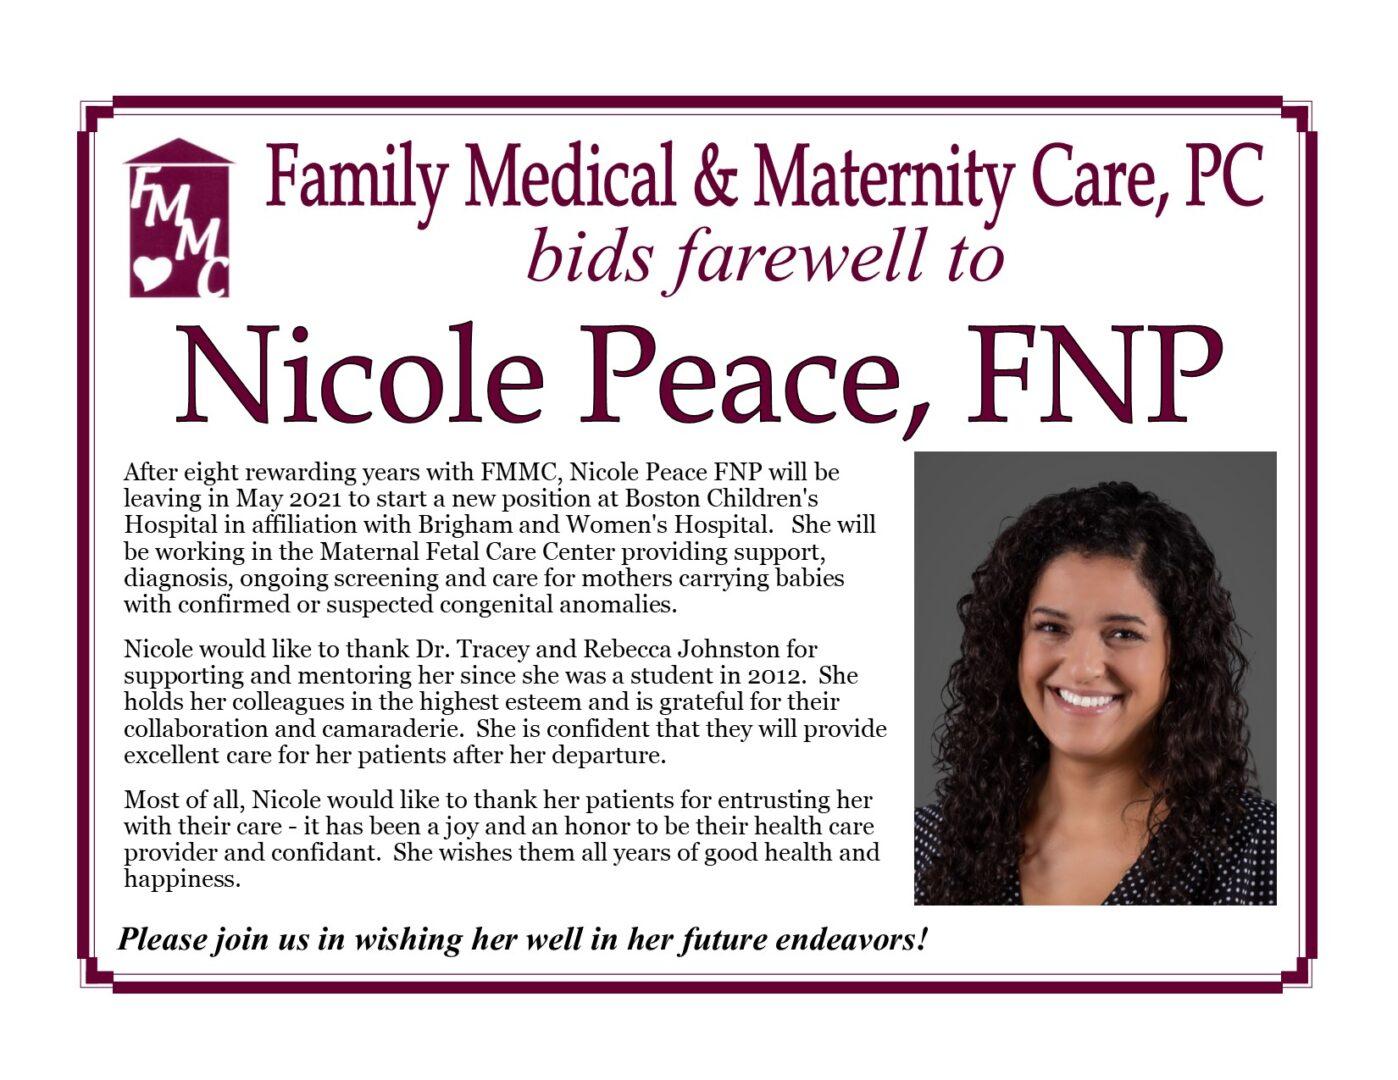 NP Farewell Posting